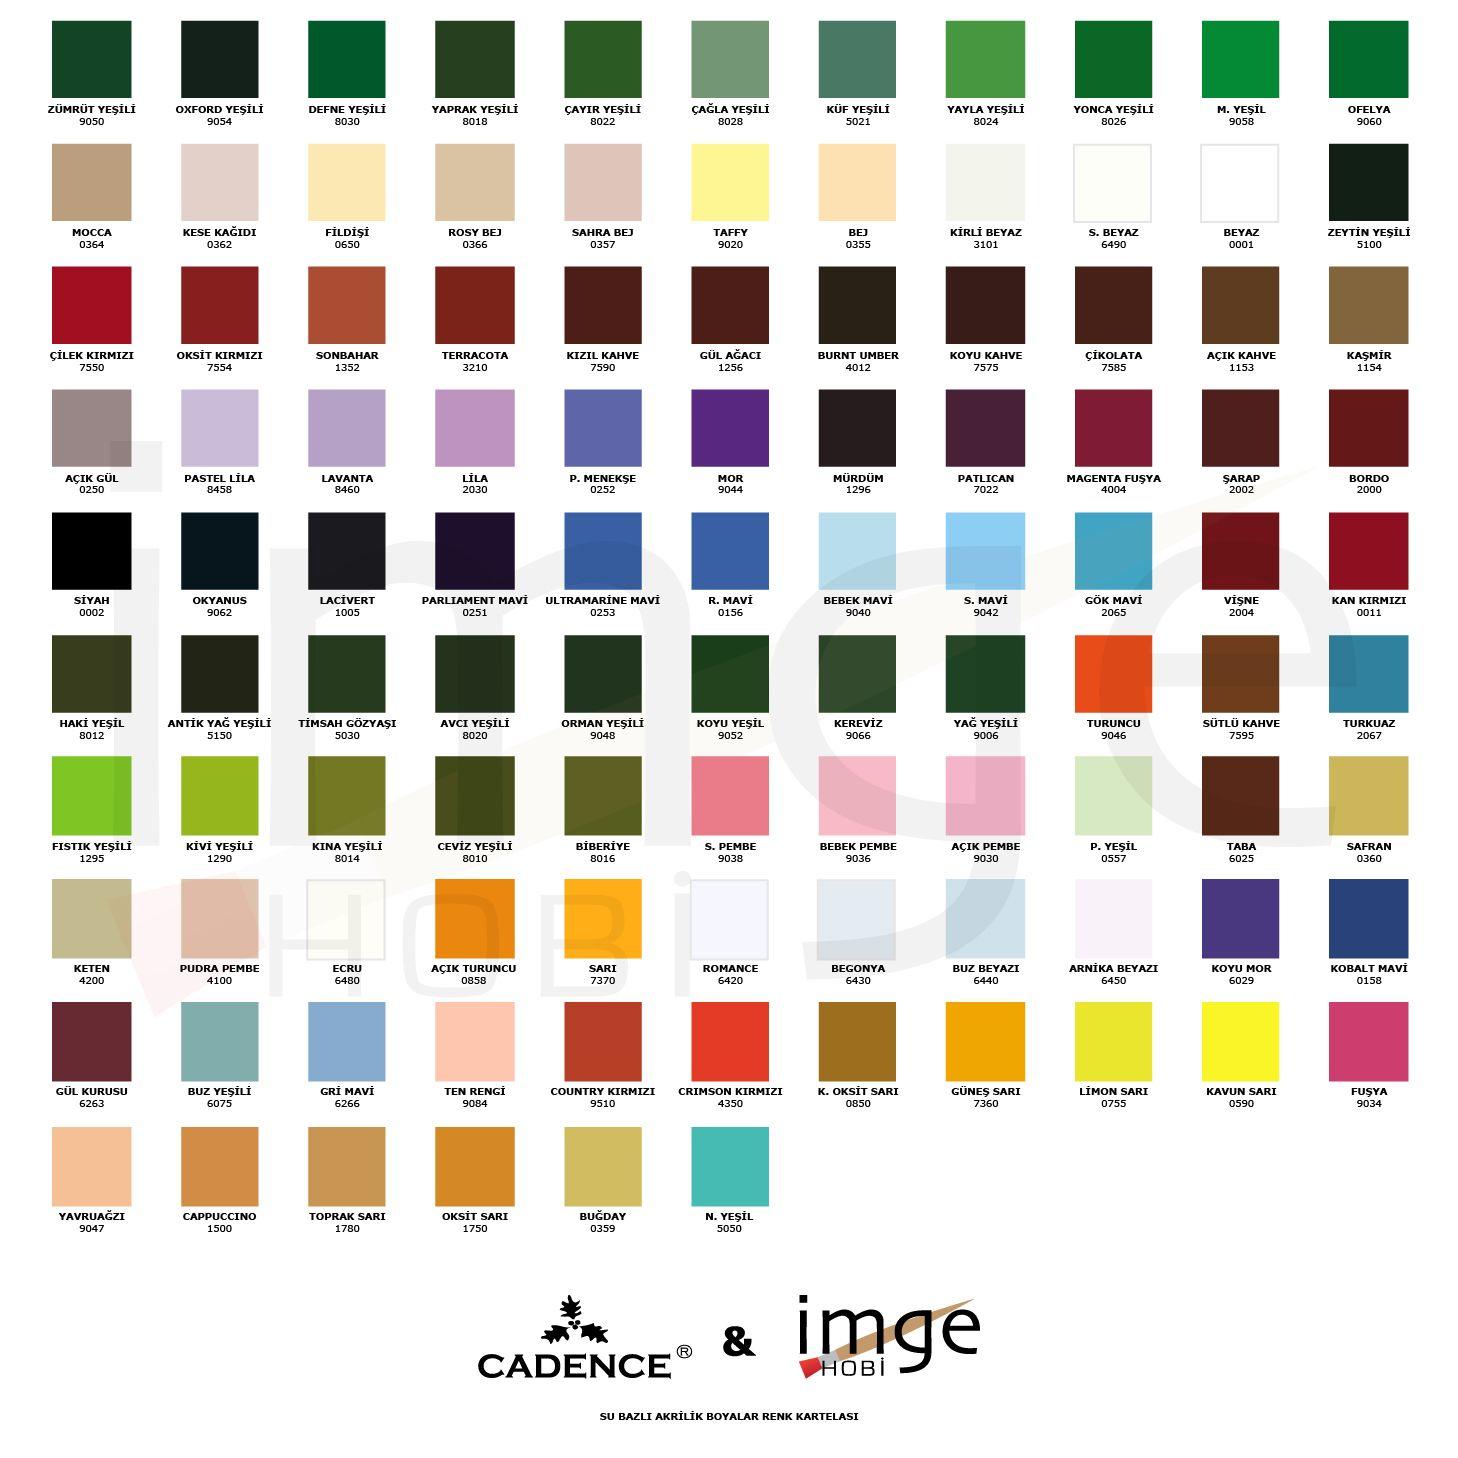 Cadence Akrilik Renk Katalogu Renkler Boya Renkleri Renk Semalari